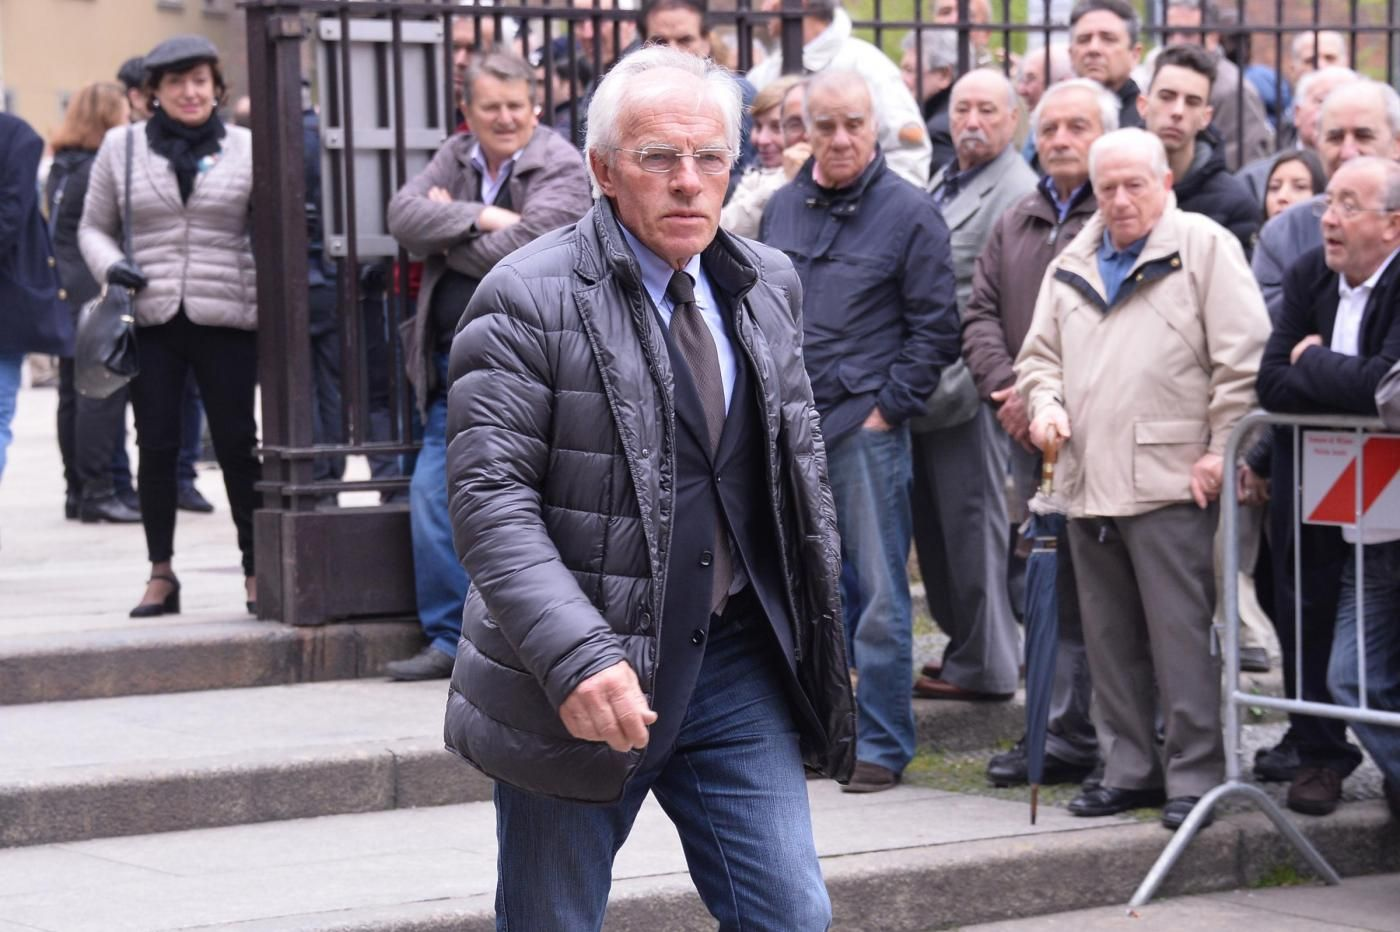 Addio a Cesare Maldini, giocatori e personaggi per l'ultimo saluto in Sant'Ambrogio a Milano